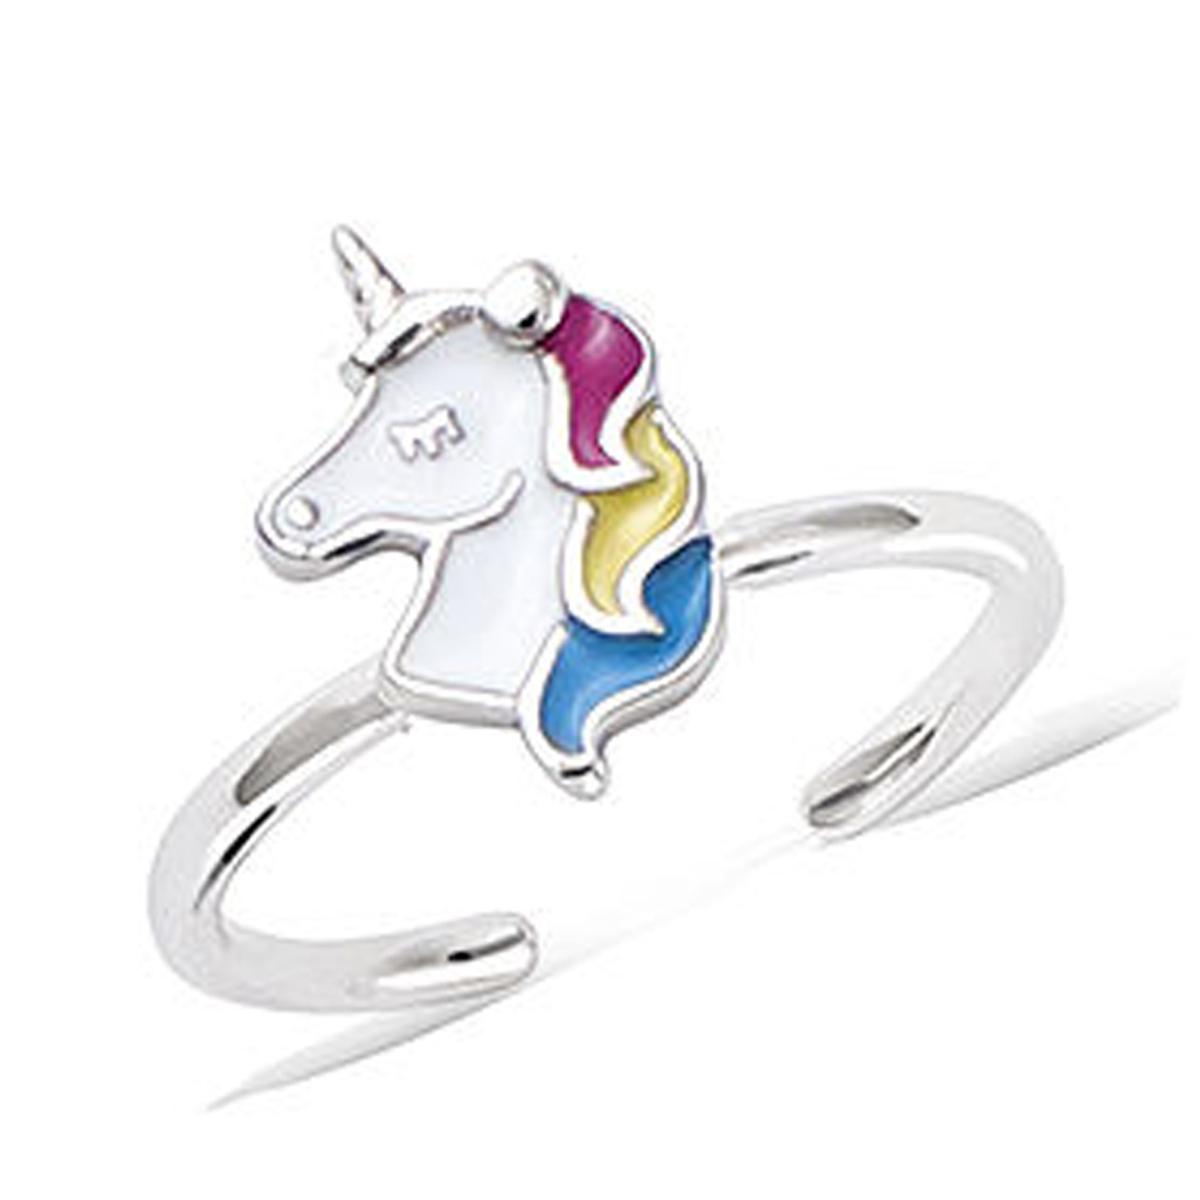 Bague argent enfant \'Licorne My Unicorn\' rose bleu argenté (rhodié) - 9x8 mm - [Q8231]